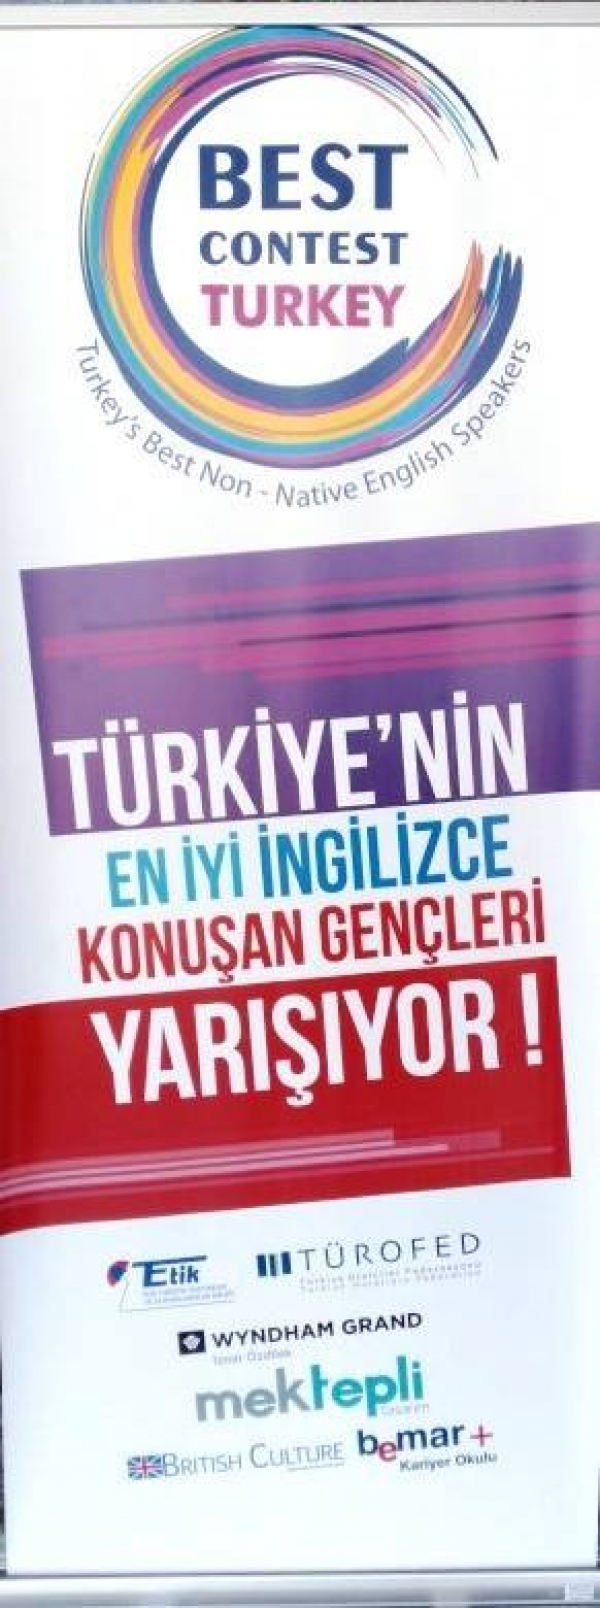 Best Contest Turkey